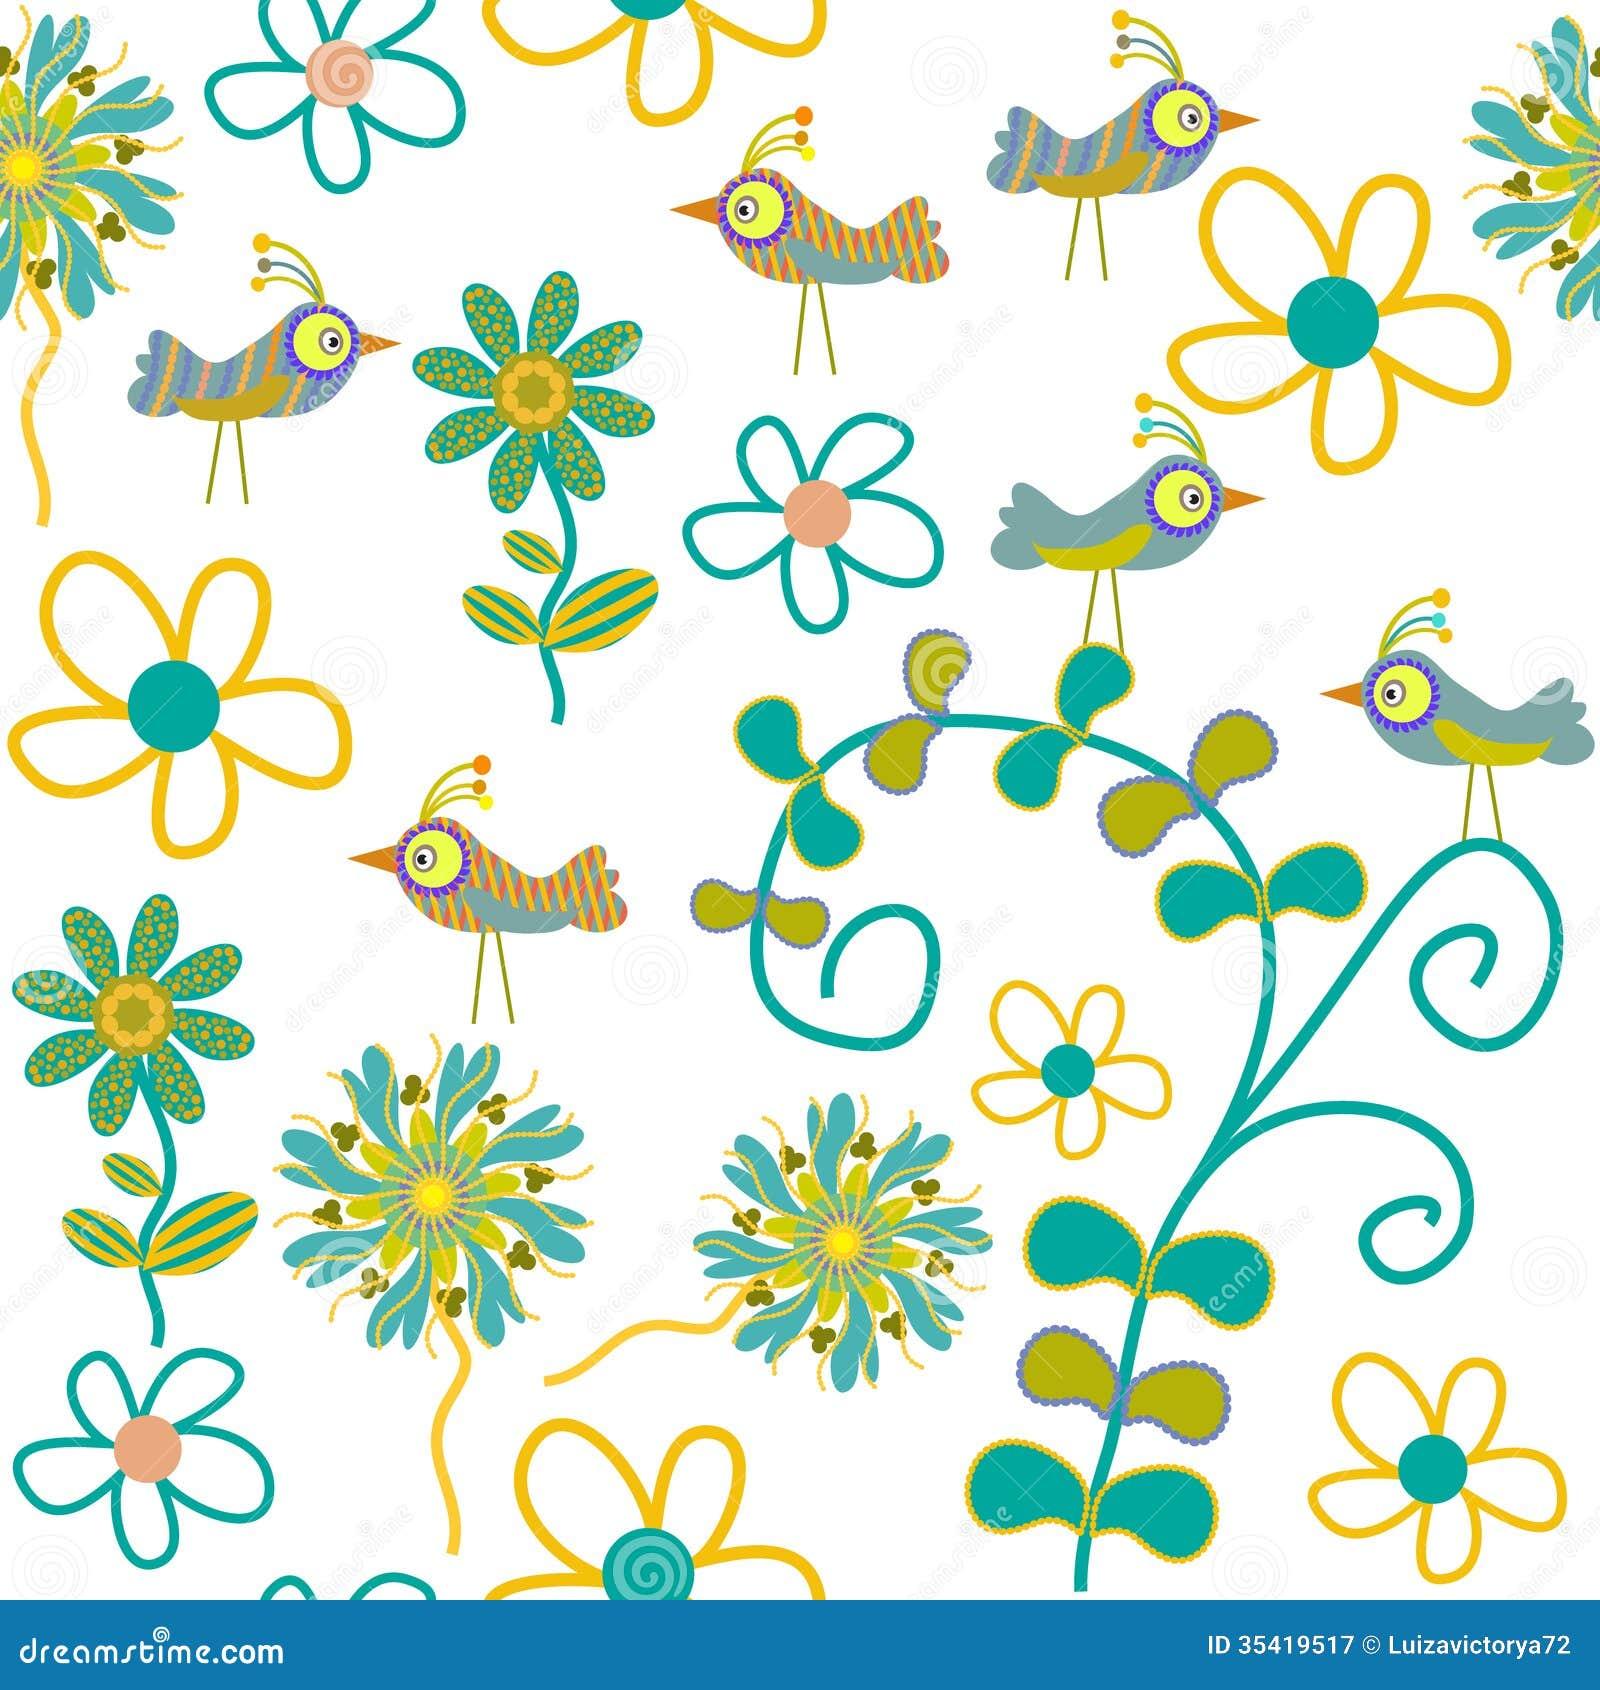 Cute Vector Seamless Pattern With Cartoon Bird An Stock